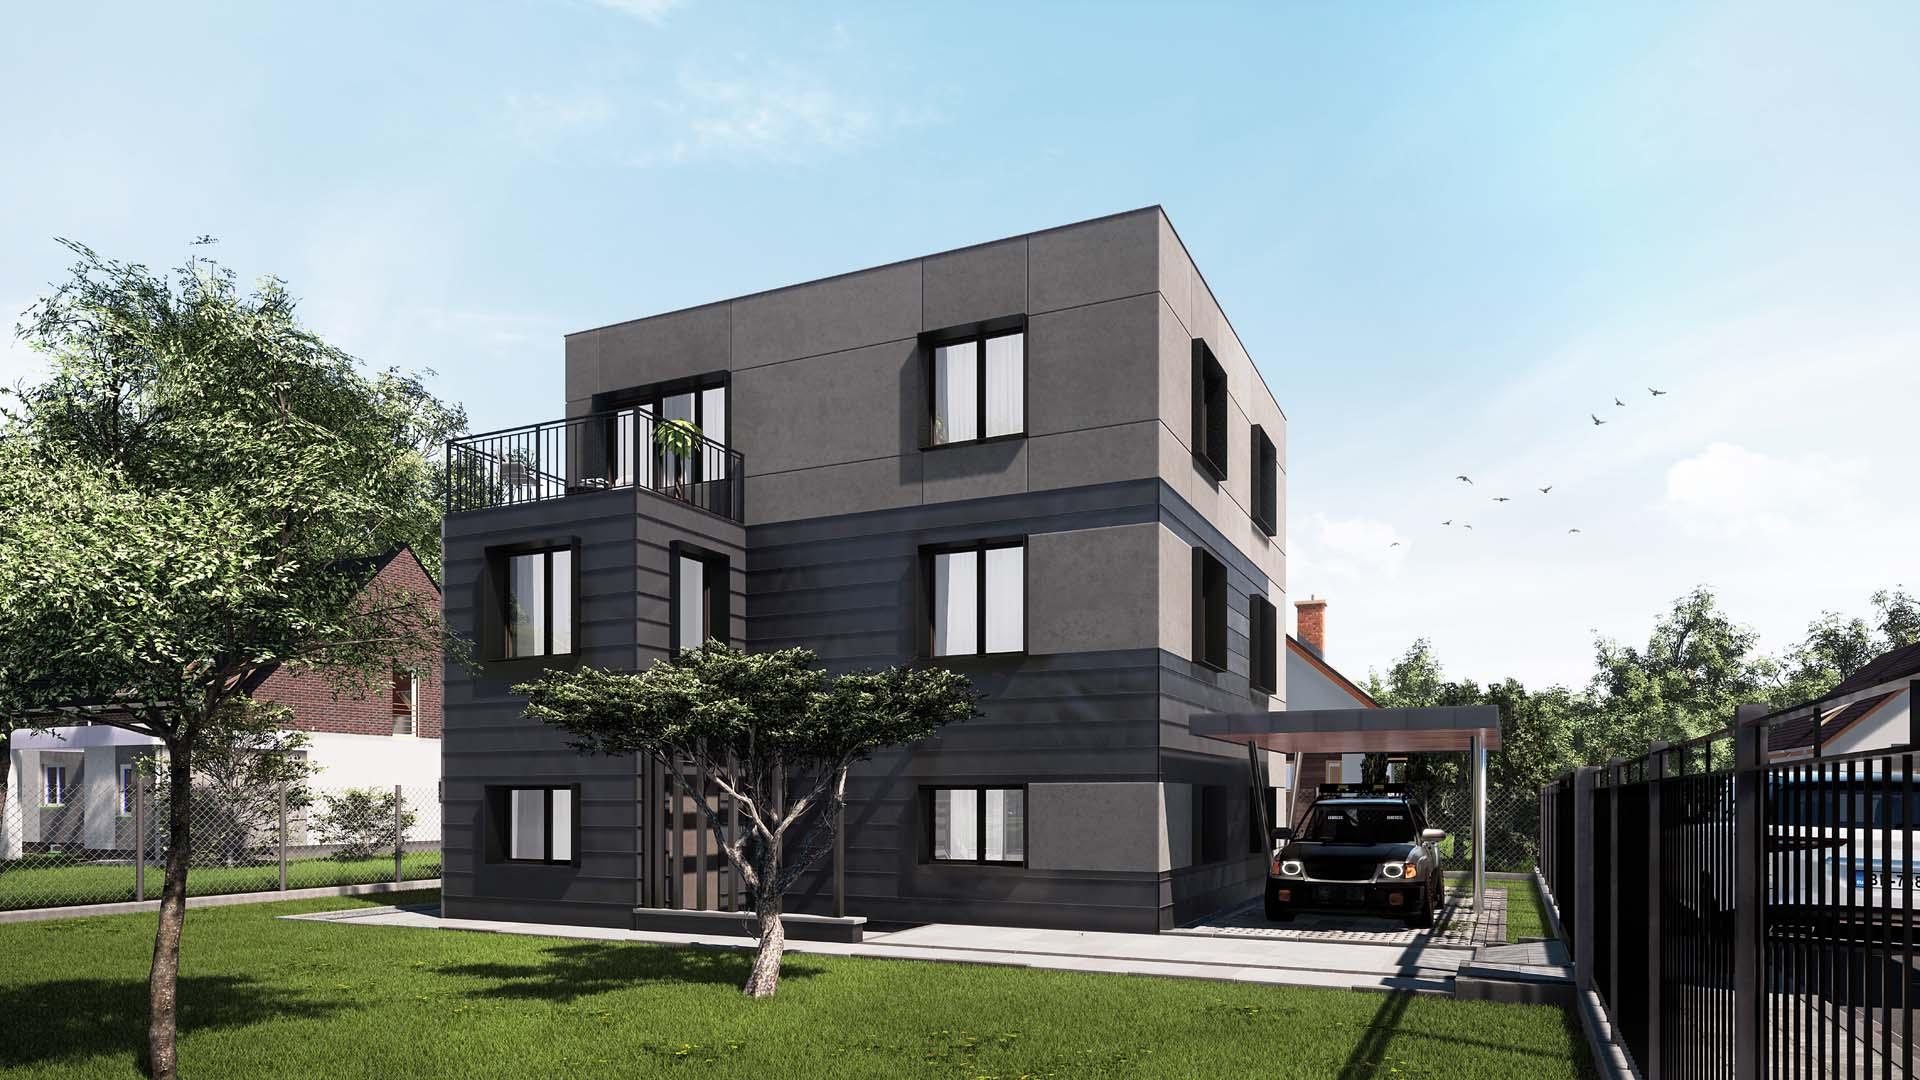 przebudowa re modeling budynku jednorodzinnego bielsko-biała 02